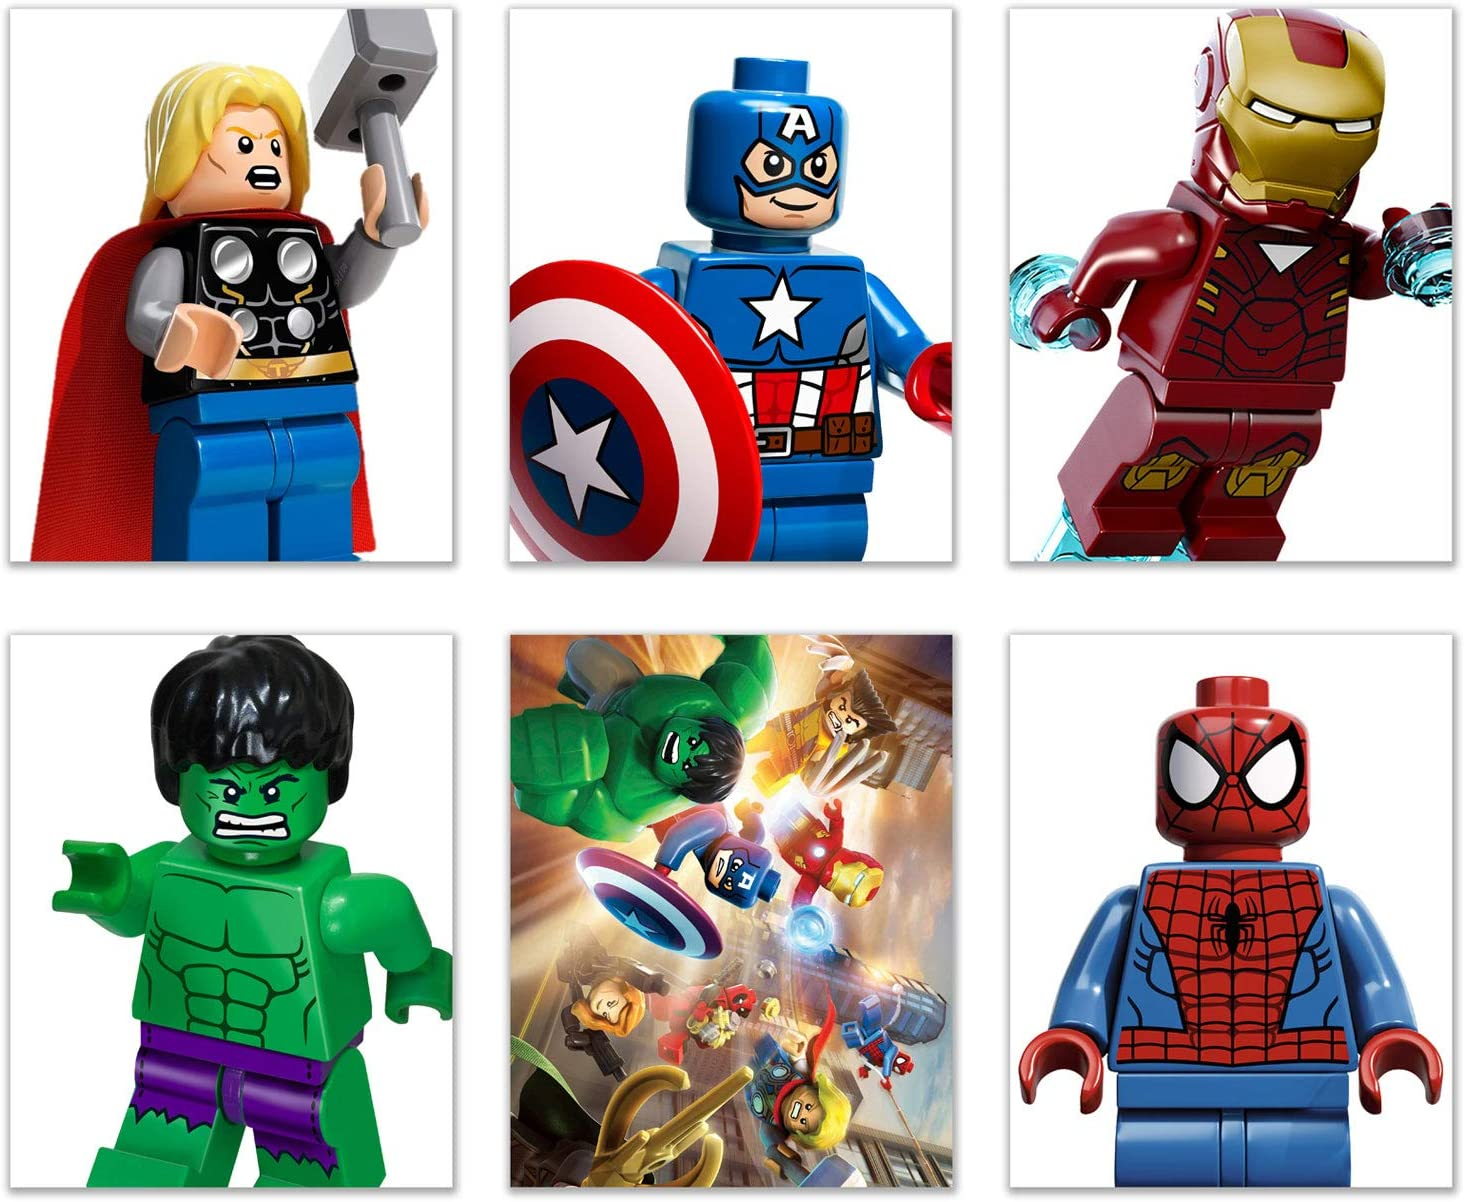 Lego Mini Figure Prints - Set of 6 (8x10) Poster Photos - Captain America Hulk Iron Man Spiderman Thor